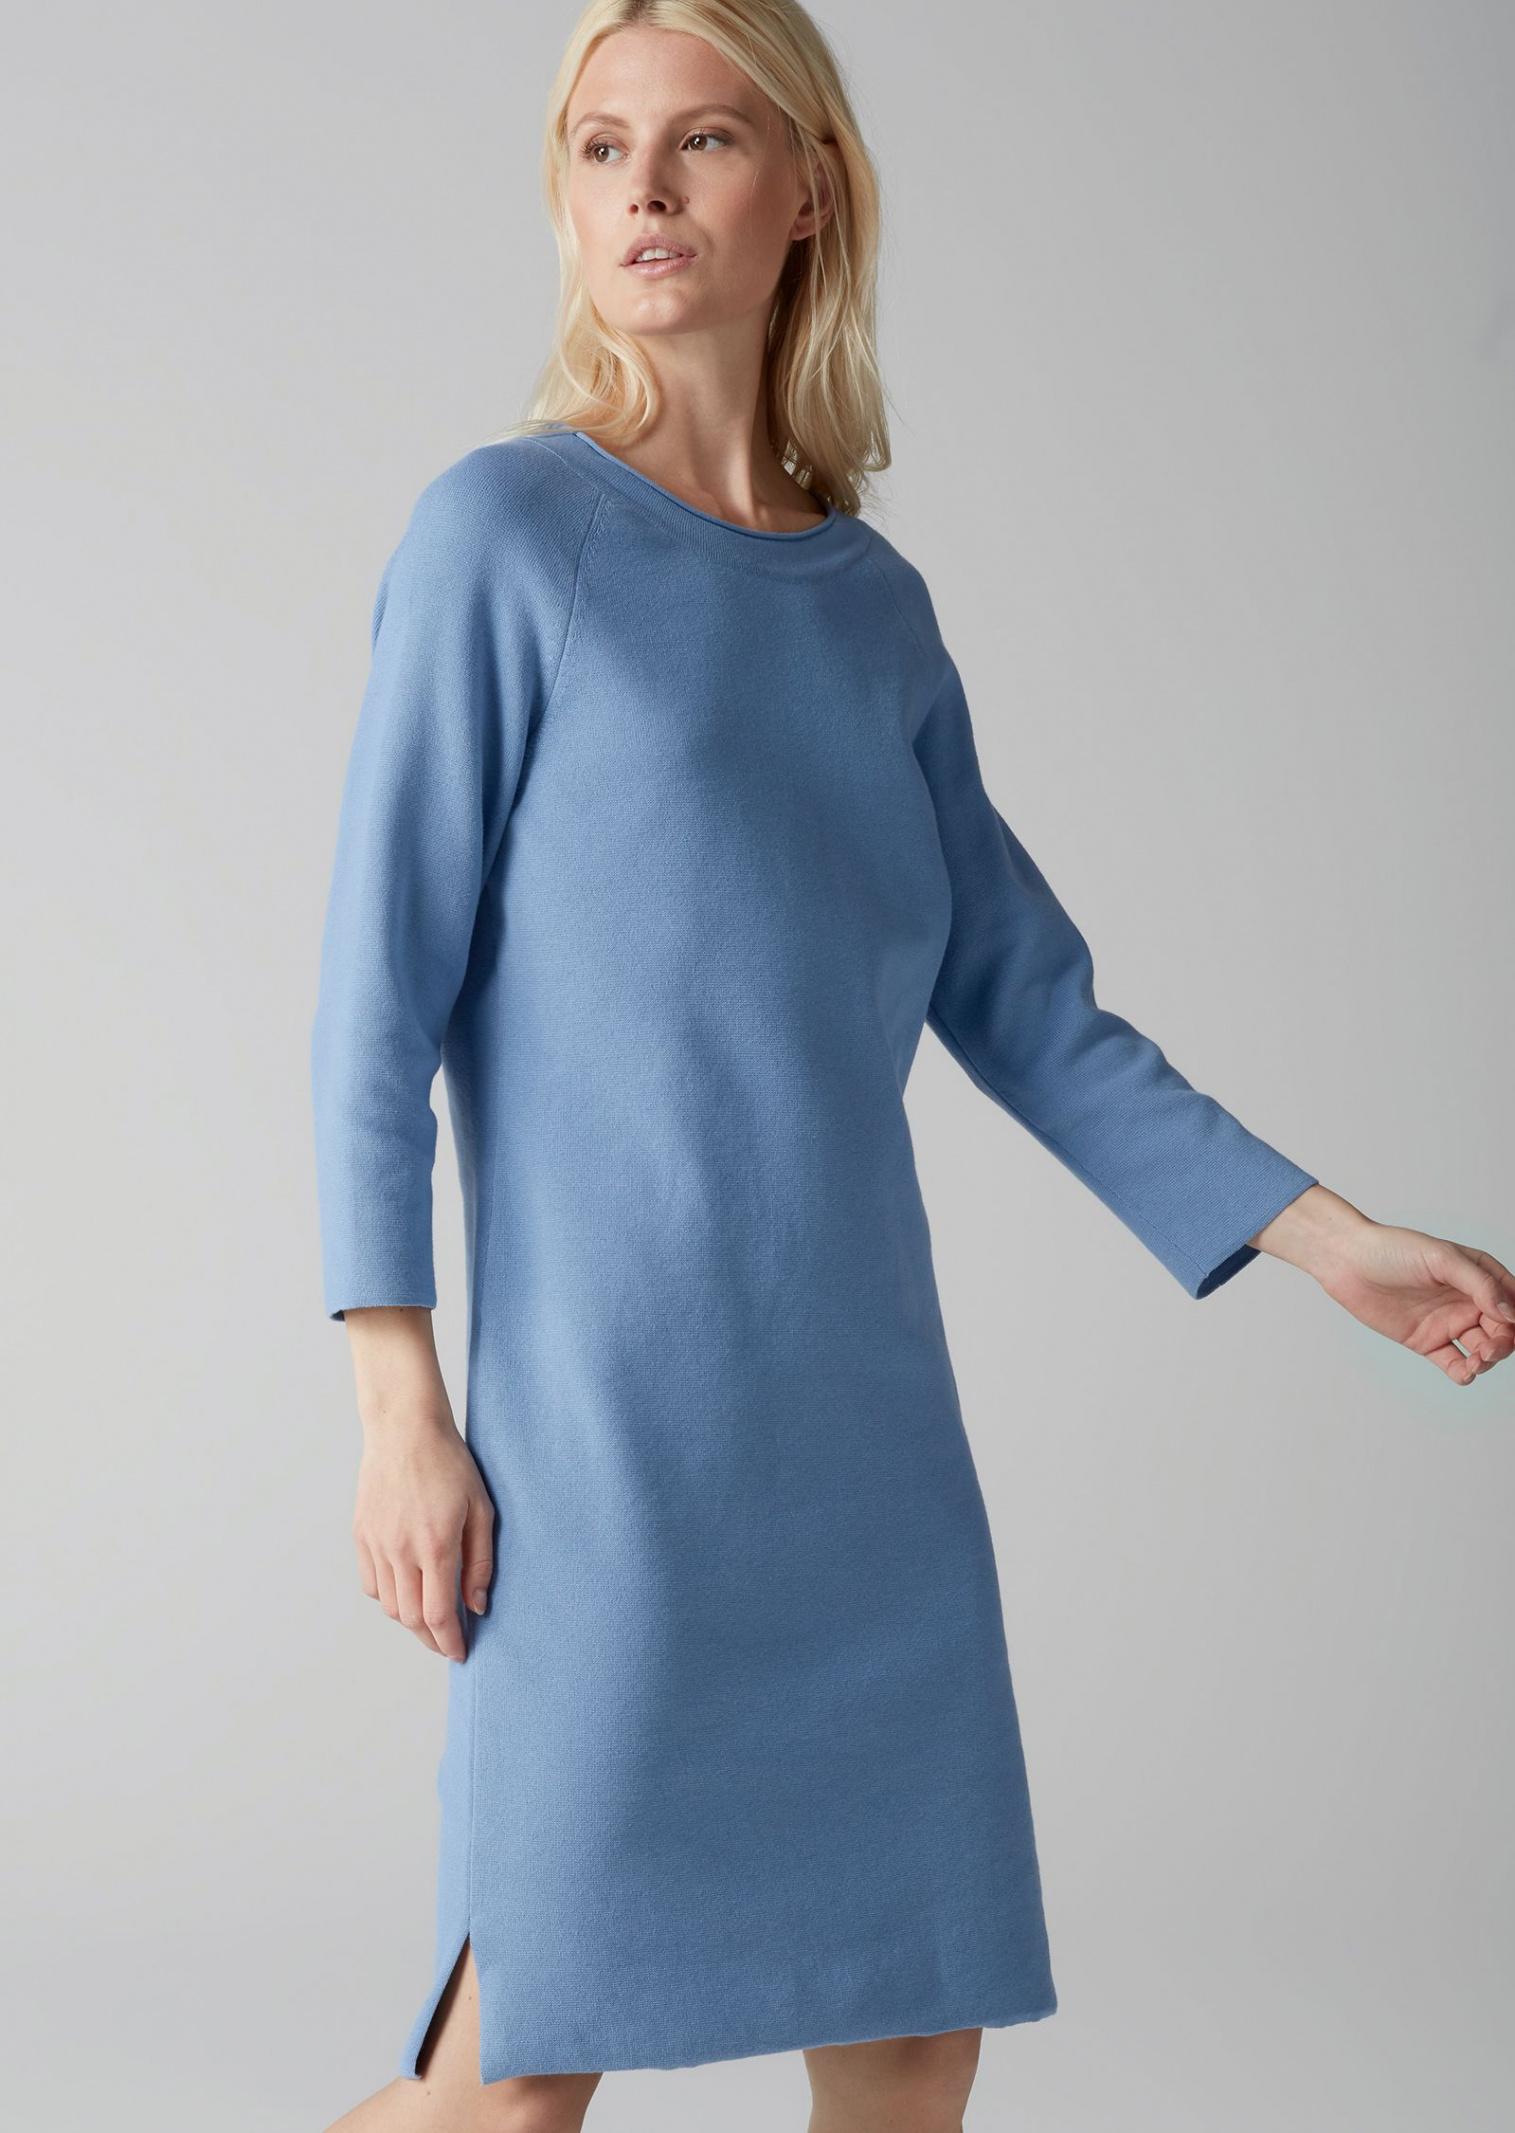 Платье женские MARC O'POLO модель PF3334 качество, 2017